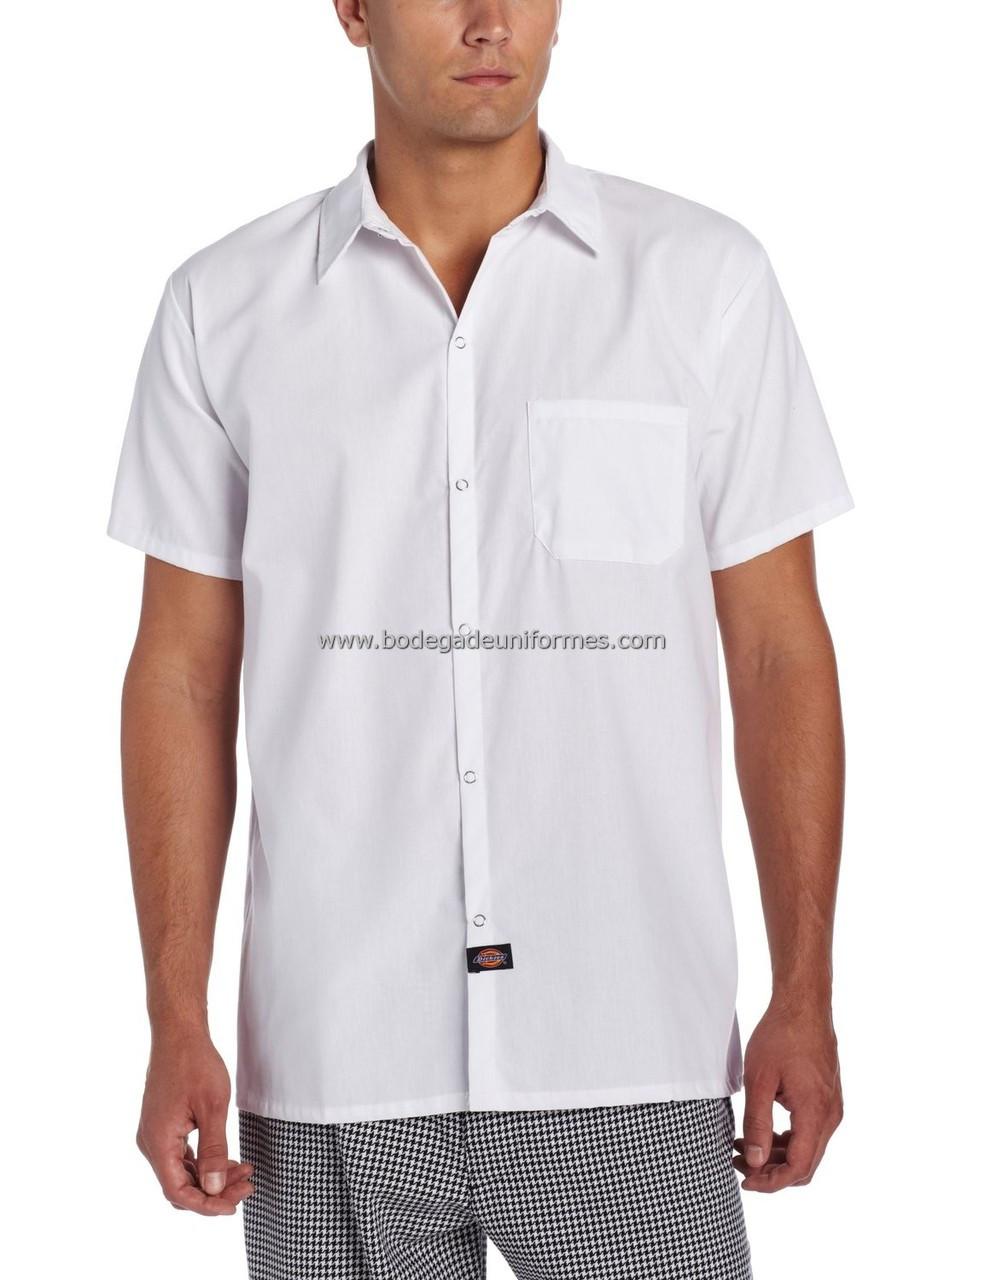 7e86ff5e22 Dickies Chef DC125 Camisa para Chef con Bolsa - BODEGA DE UNIFORMES ...